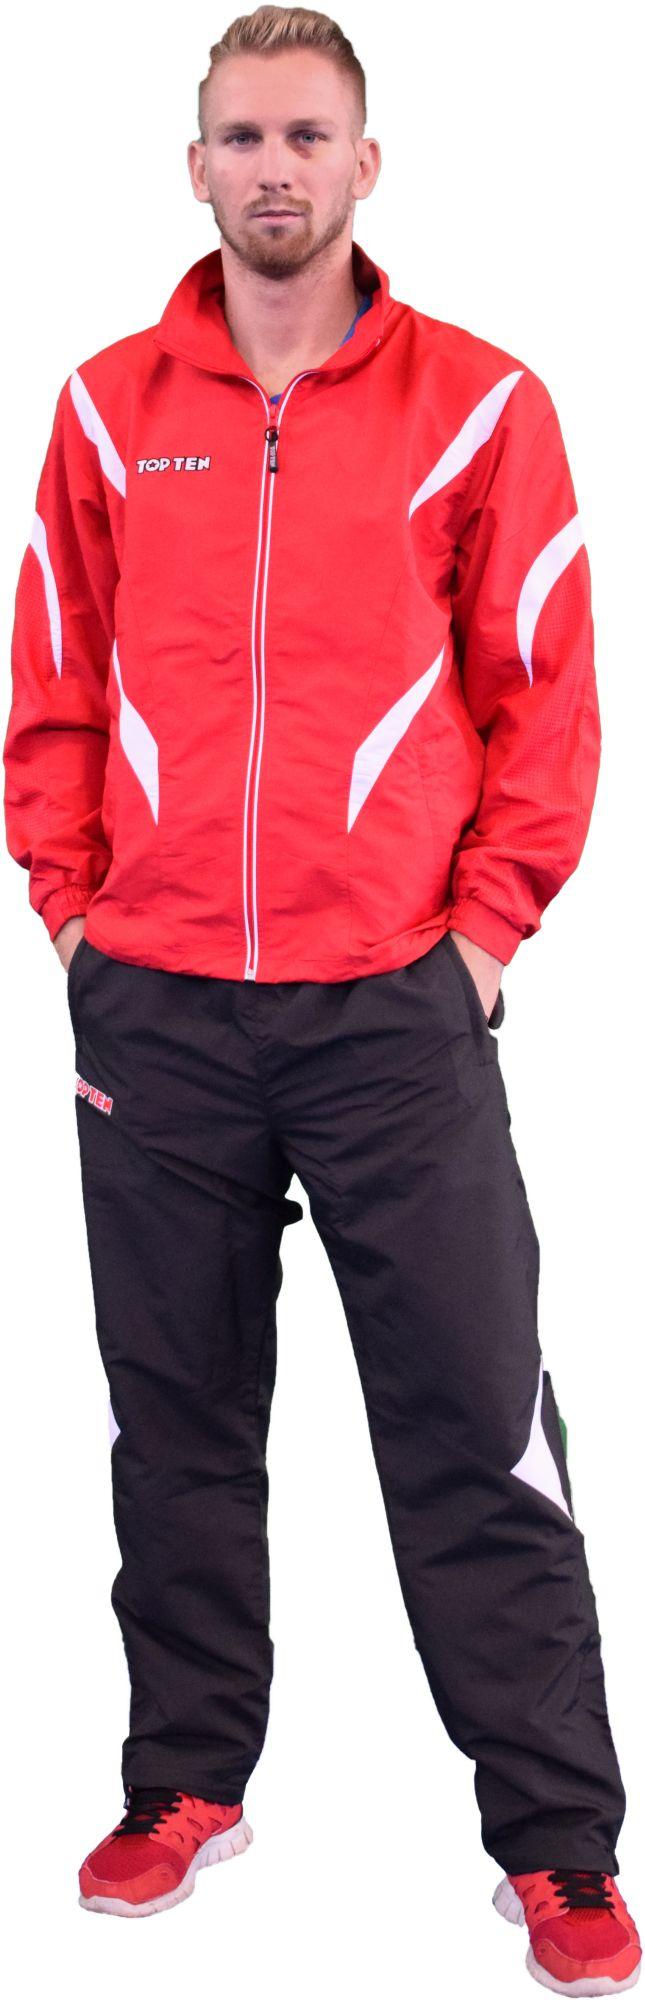 """Trainingspak """"Premium Quality"""" met zwarte broek voor kinderen Rood - Wit"""